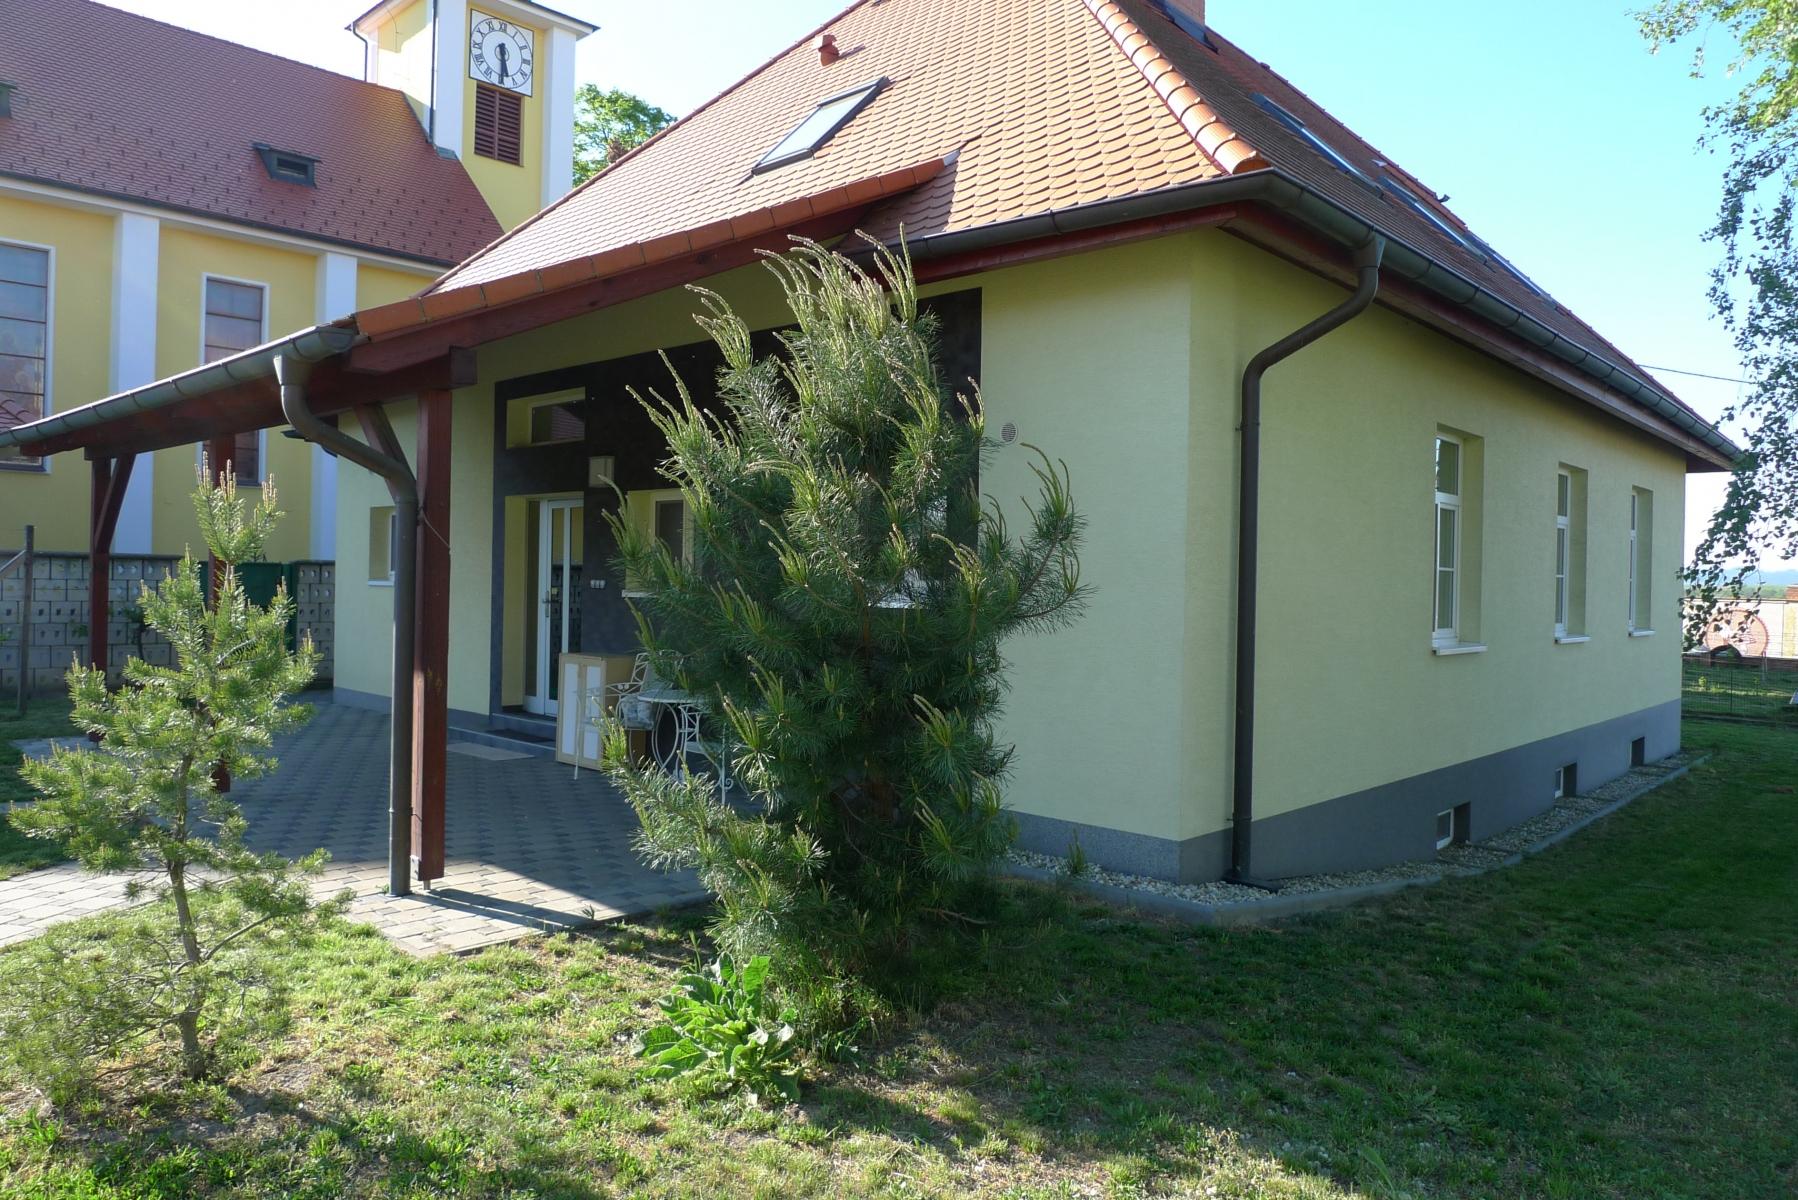 Kostel-a-okolí-43